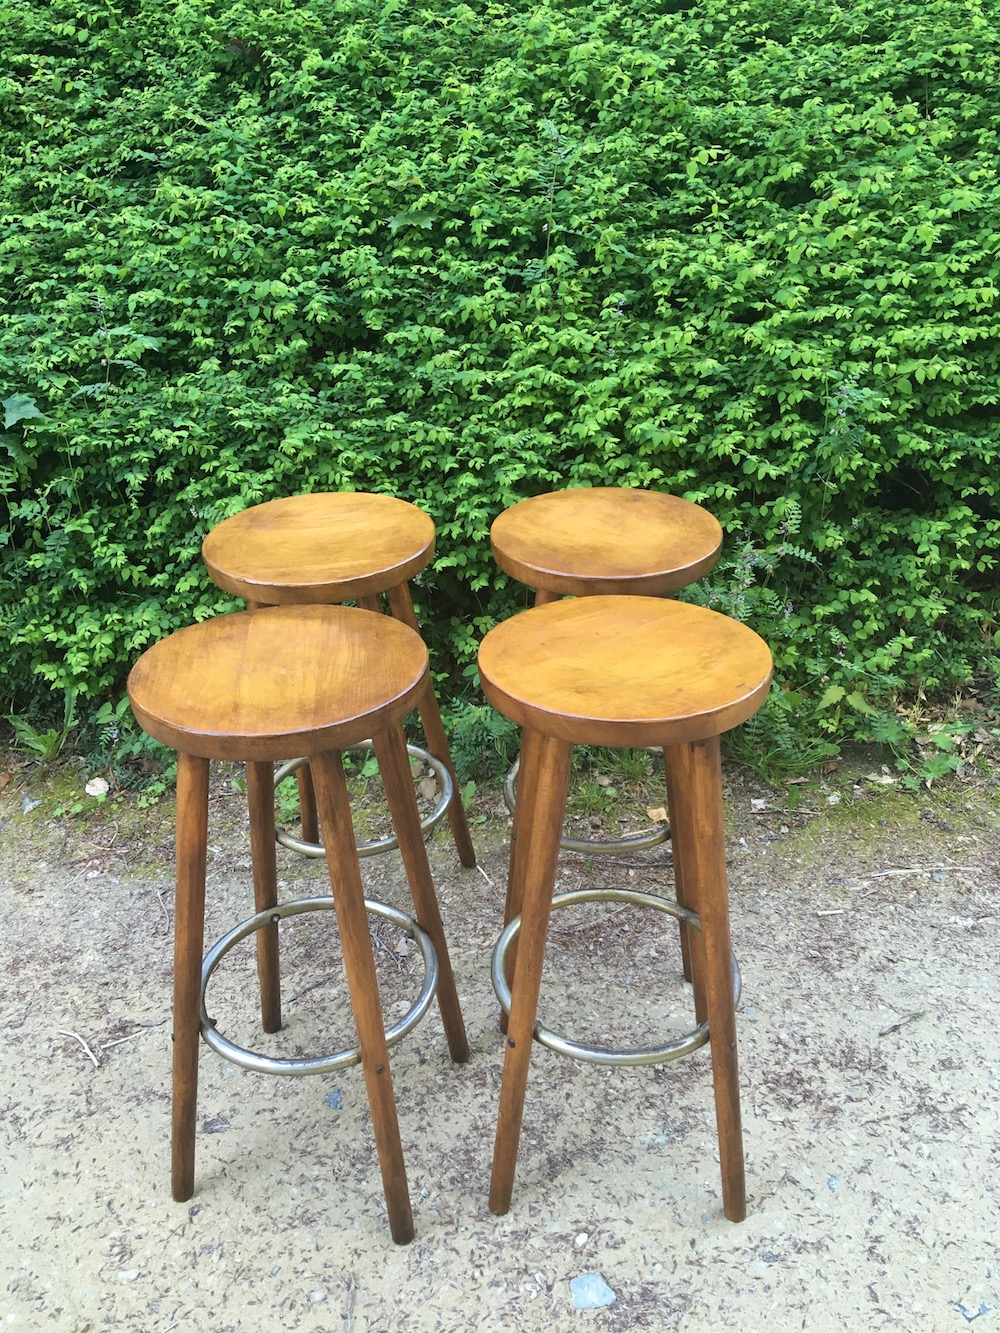 vintage barstools, vintage stools, wooden stools, vintage wooden stools, industrial stools, industrial barstools, vintage furniture, vintage design